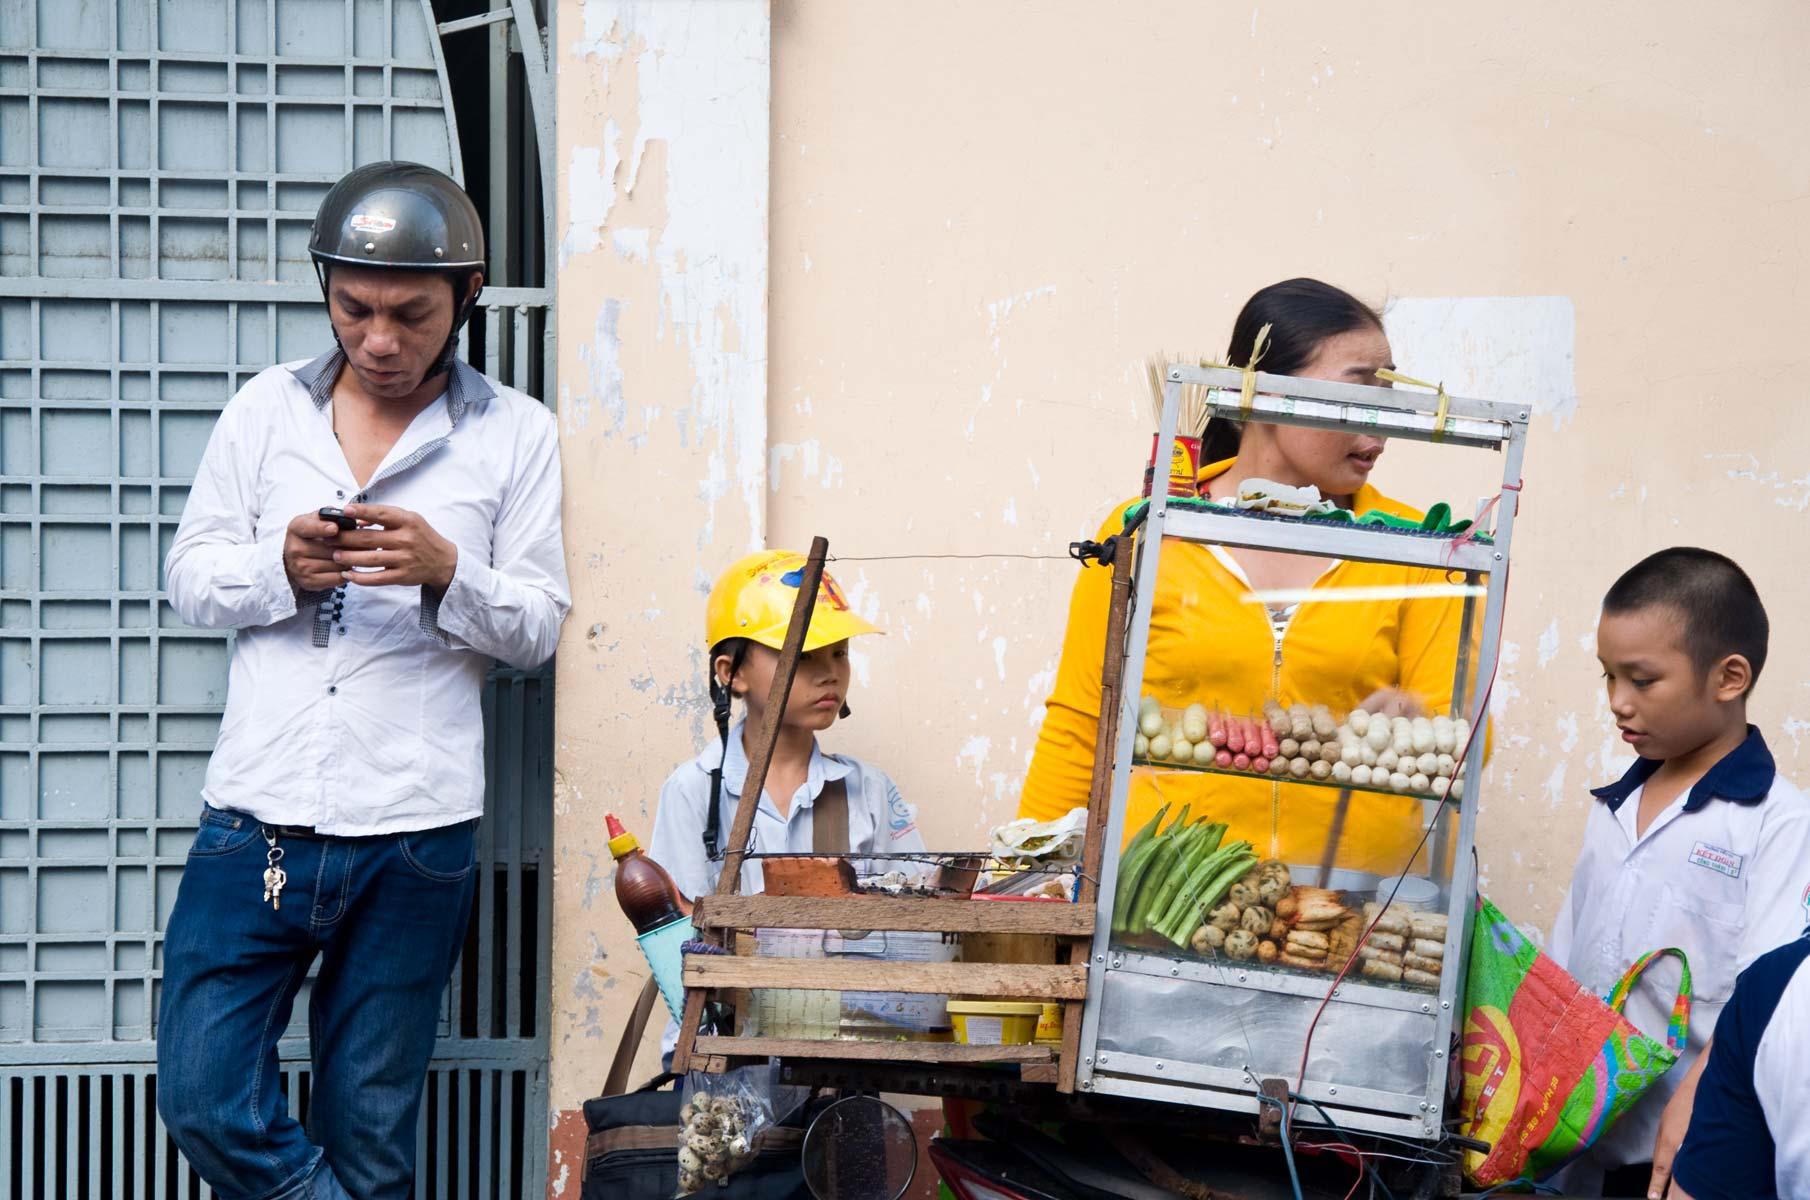 Straßenverkauf von Snacks in Saigon (Ho-Chi-Minh Stadt), Vietnam